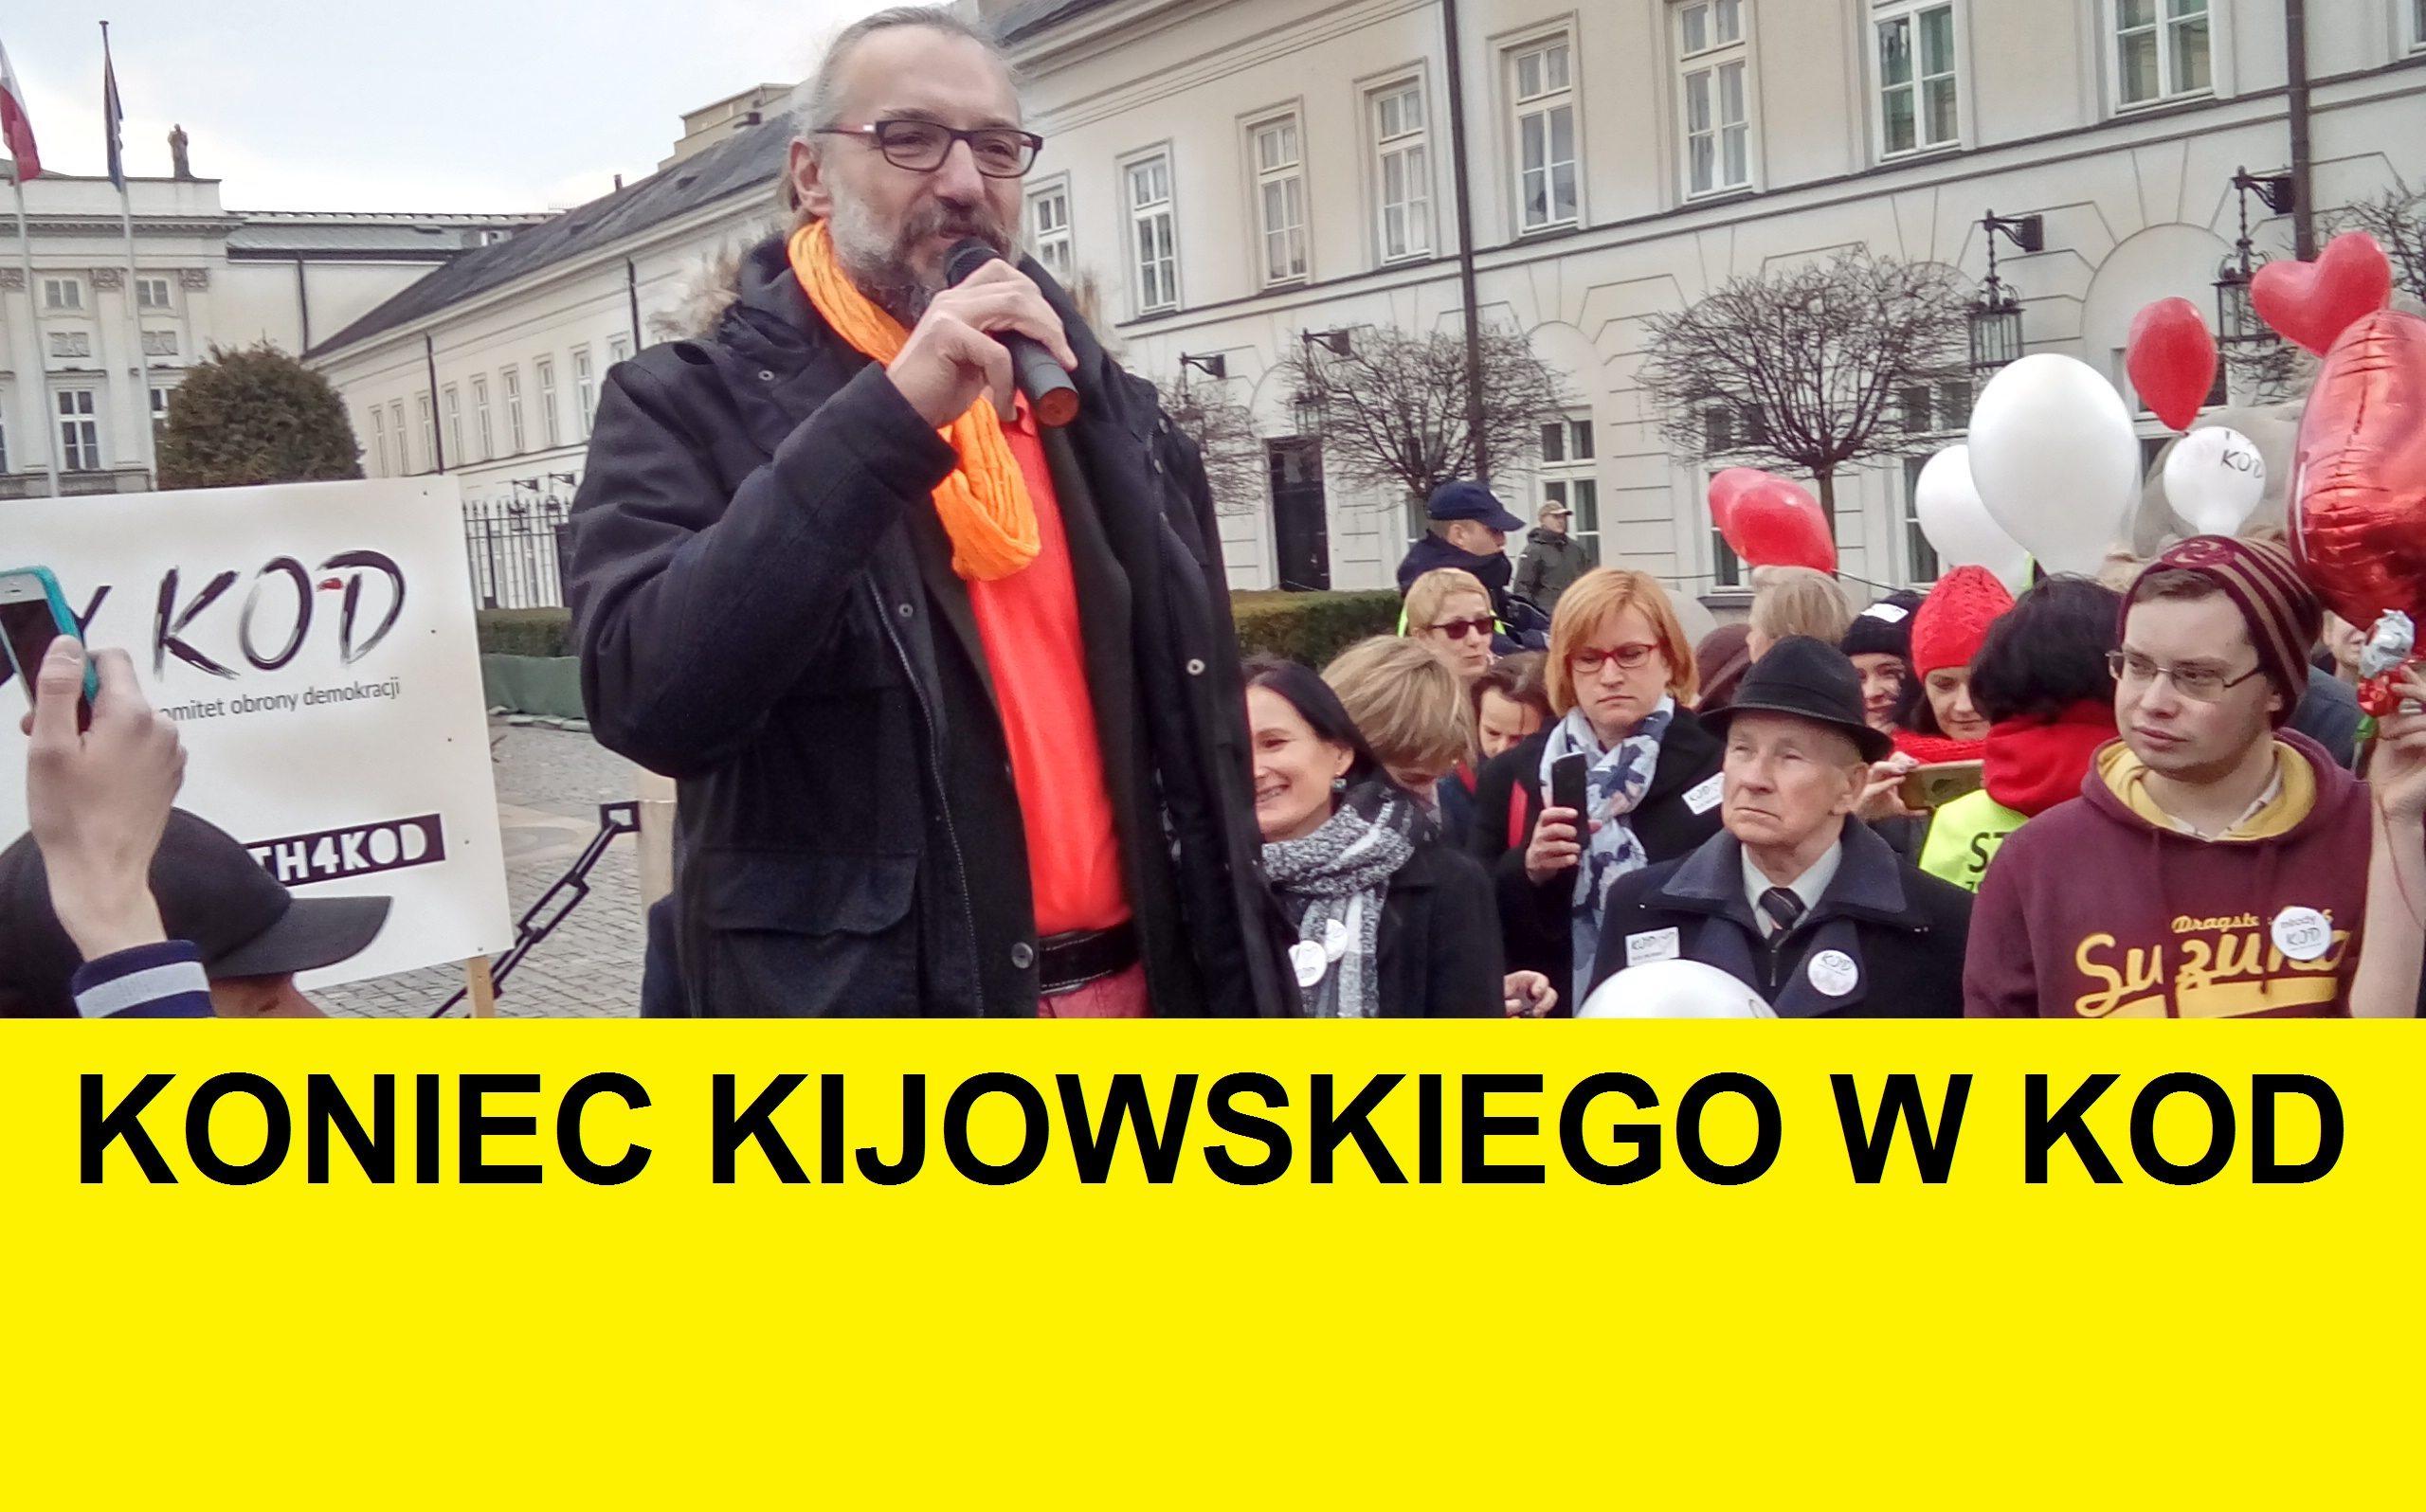 PILNE: To koniec Kijowskiego w KOD. Zarząd żąda jego natychmiastowej dymisji, ten wściekły wychodzi